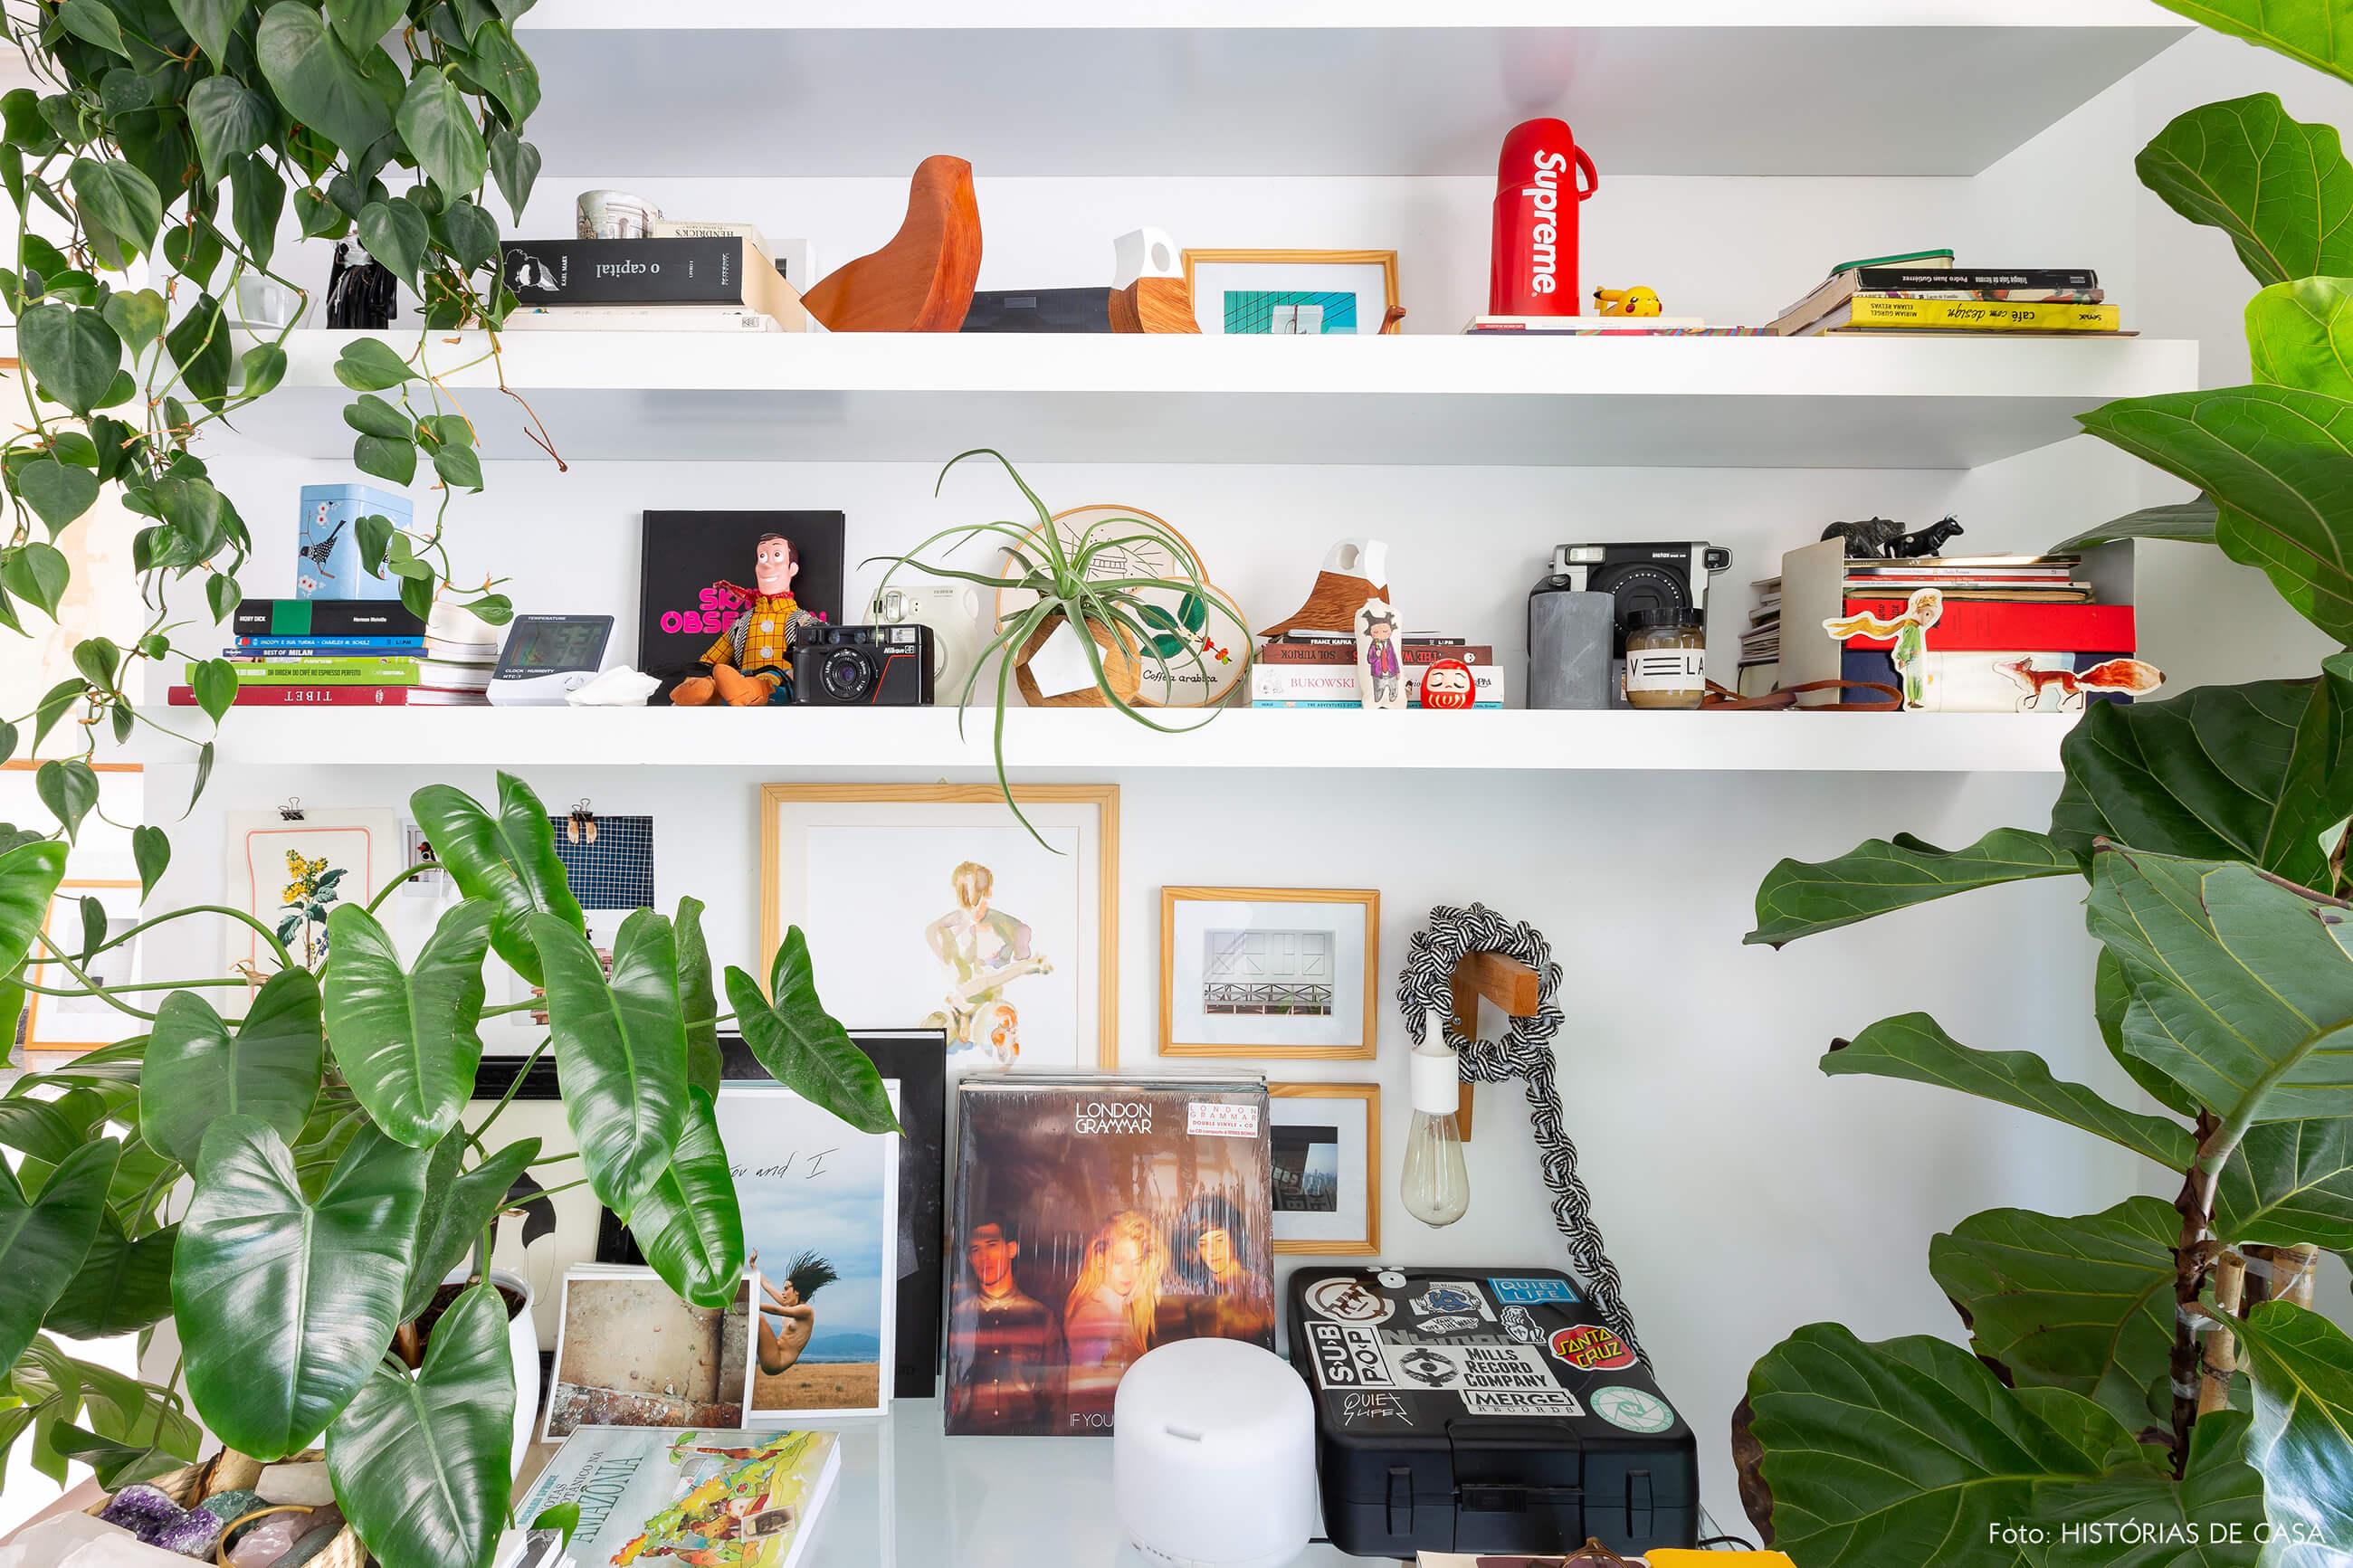 Apartamento pequeno com muitas plantas e home office na sala